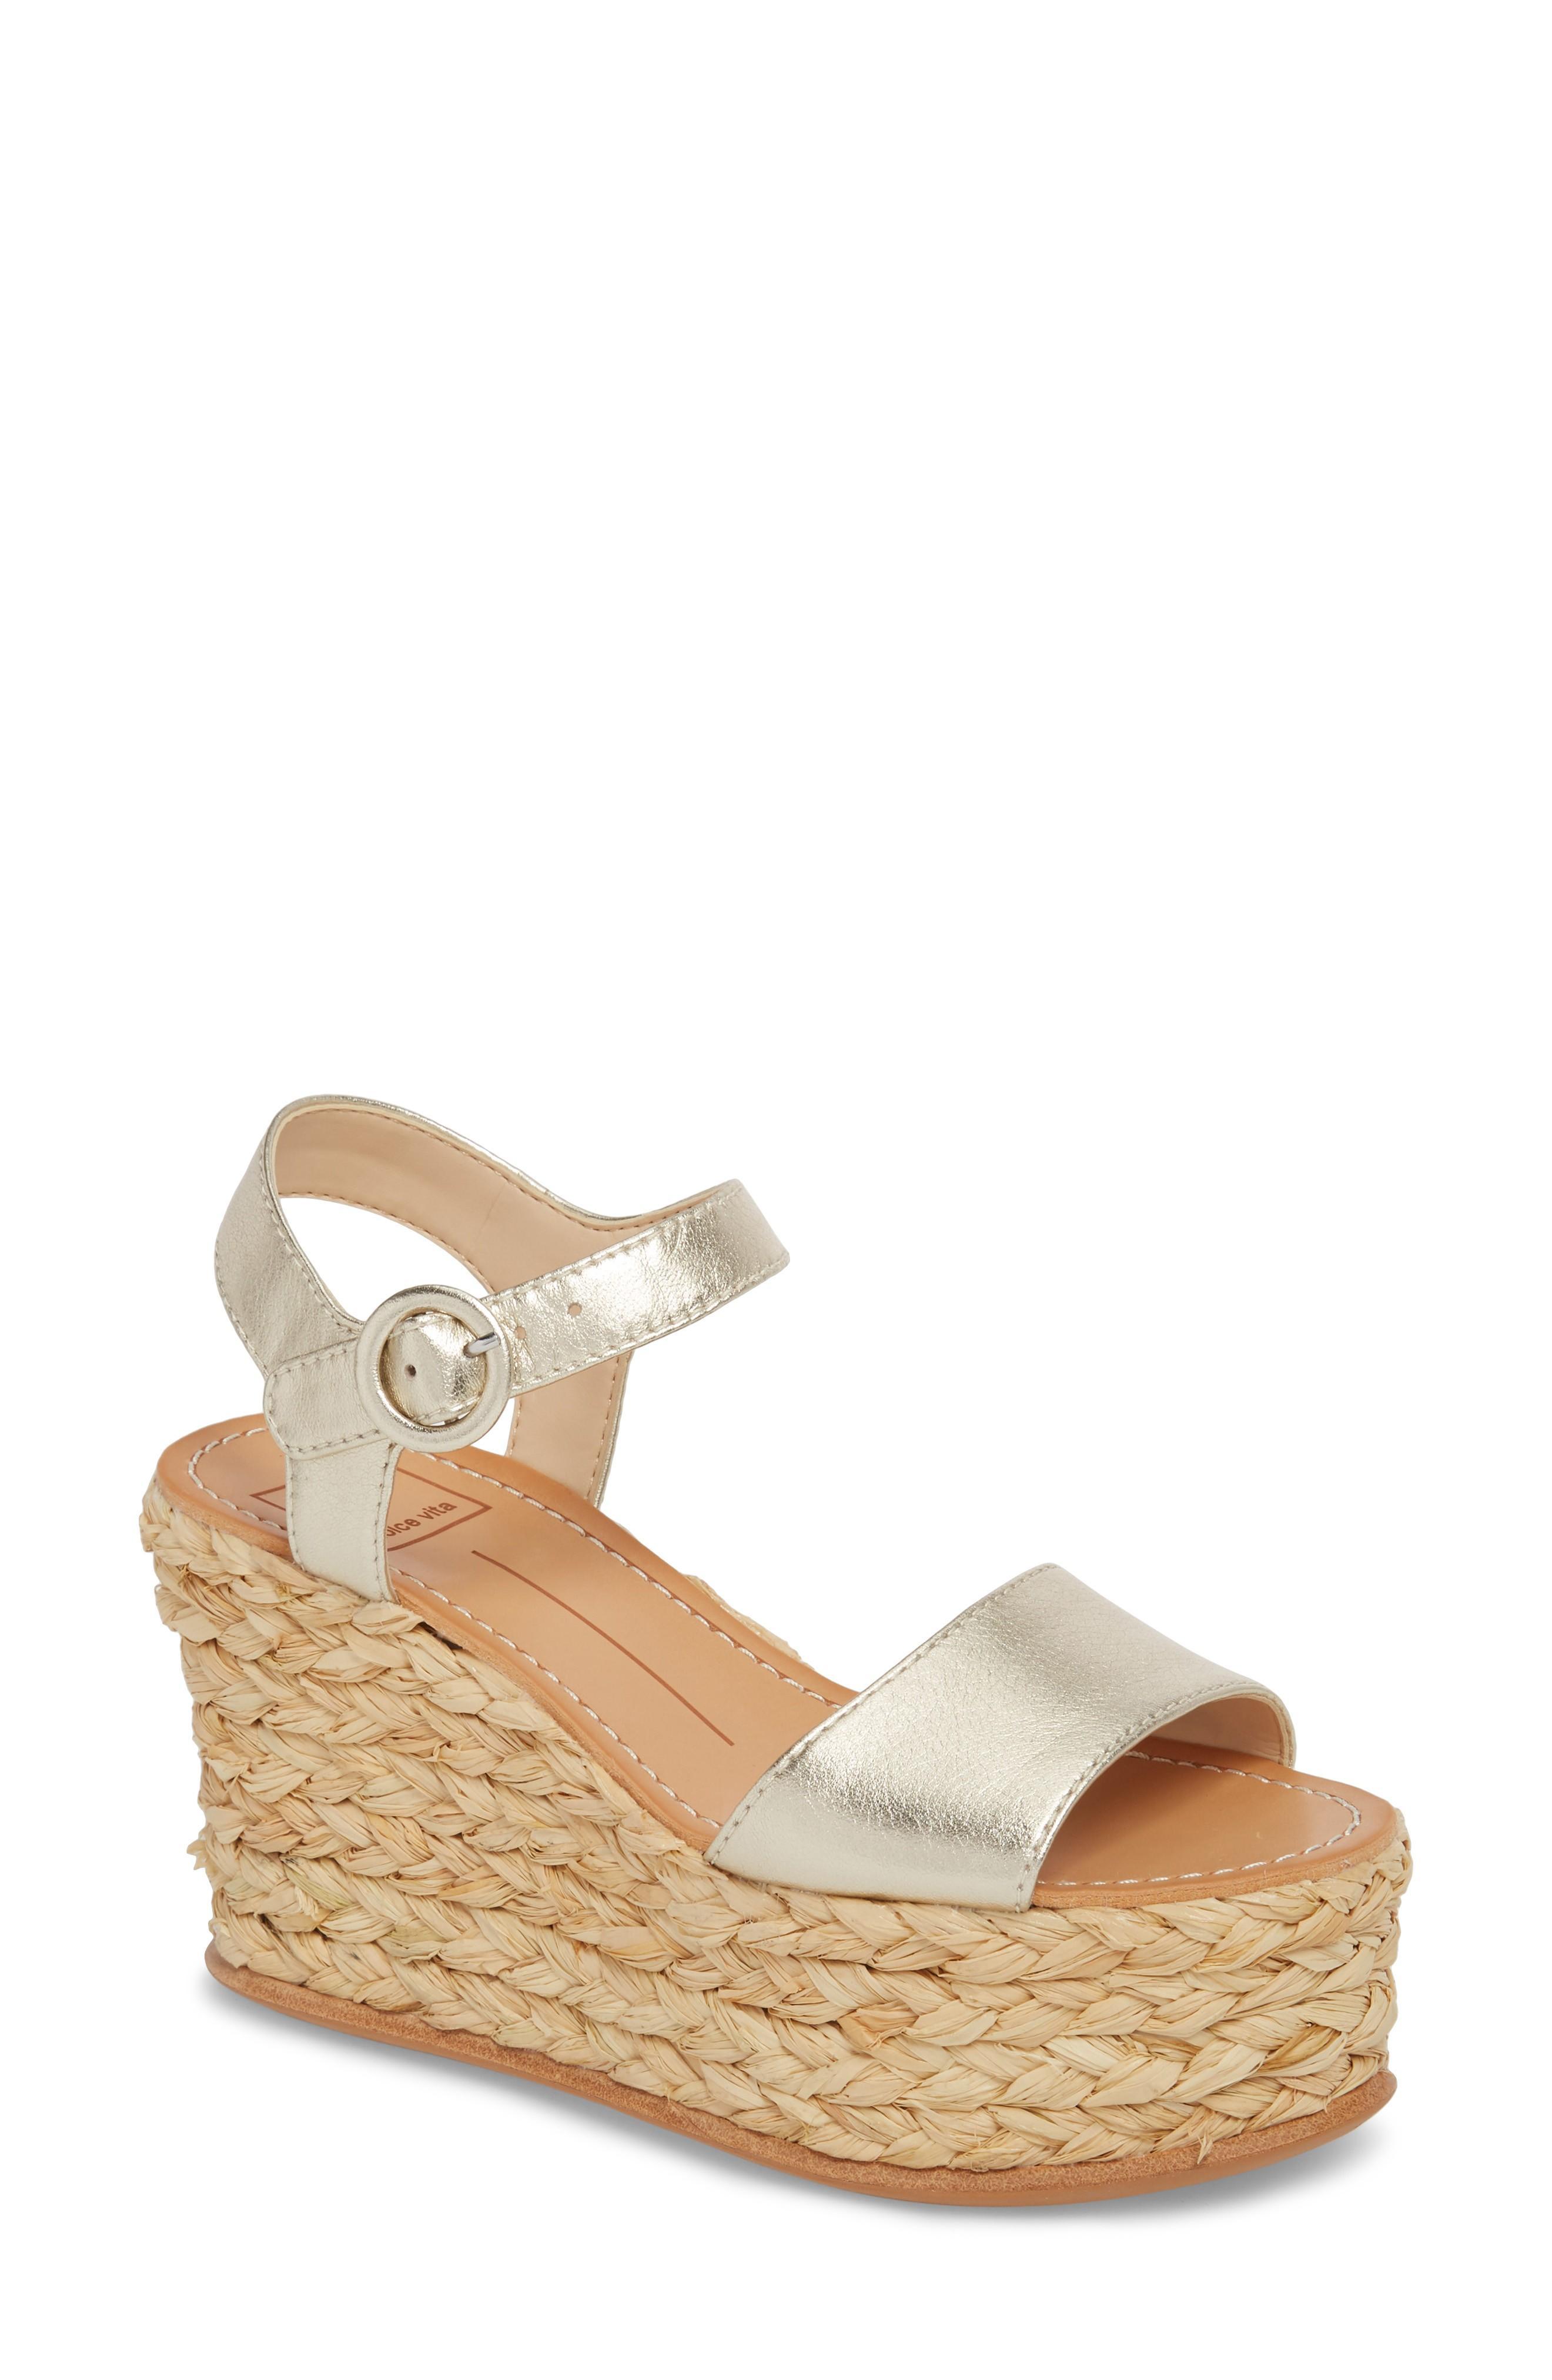 b7c50fe9dd9 Dolce Vita Women's Dane Espadrille Platform Wedge Sandals In Indigo ...